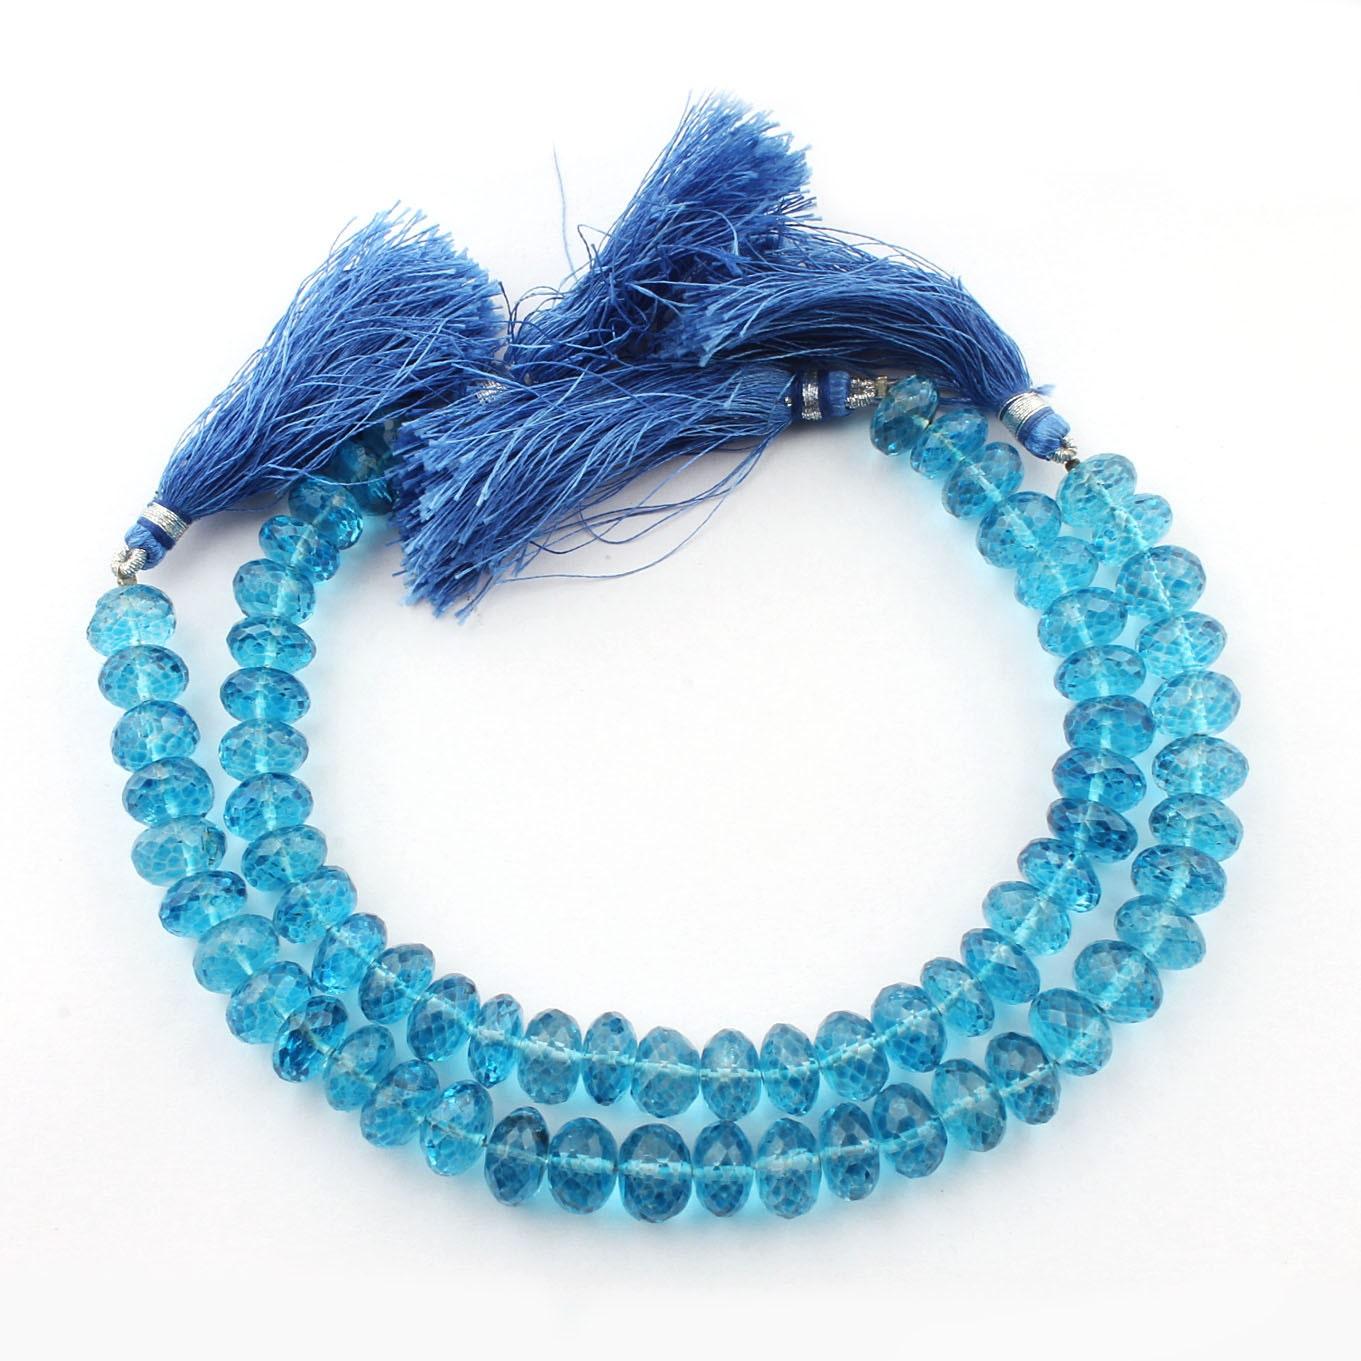 holiday sale 2 strands blue topaz coated quartz faceted rondelle briolettes blue topaz. Black Bedroom Furniture Sets. Home Design Ideas